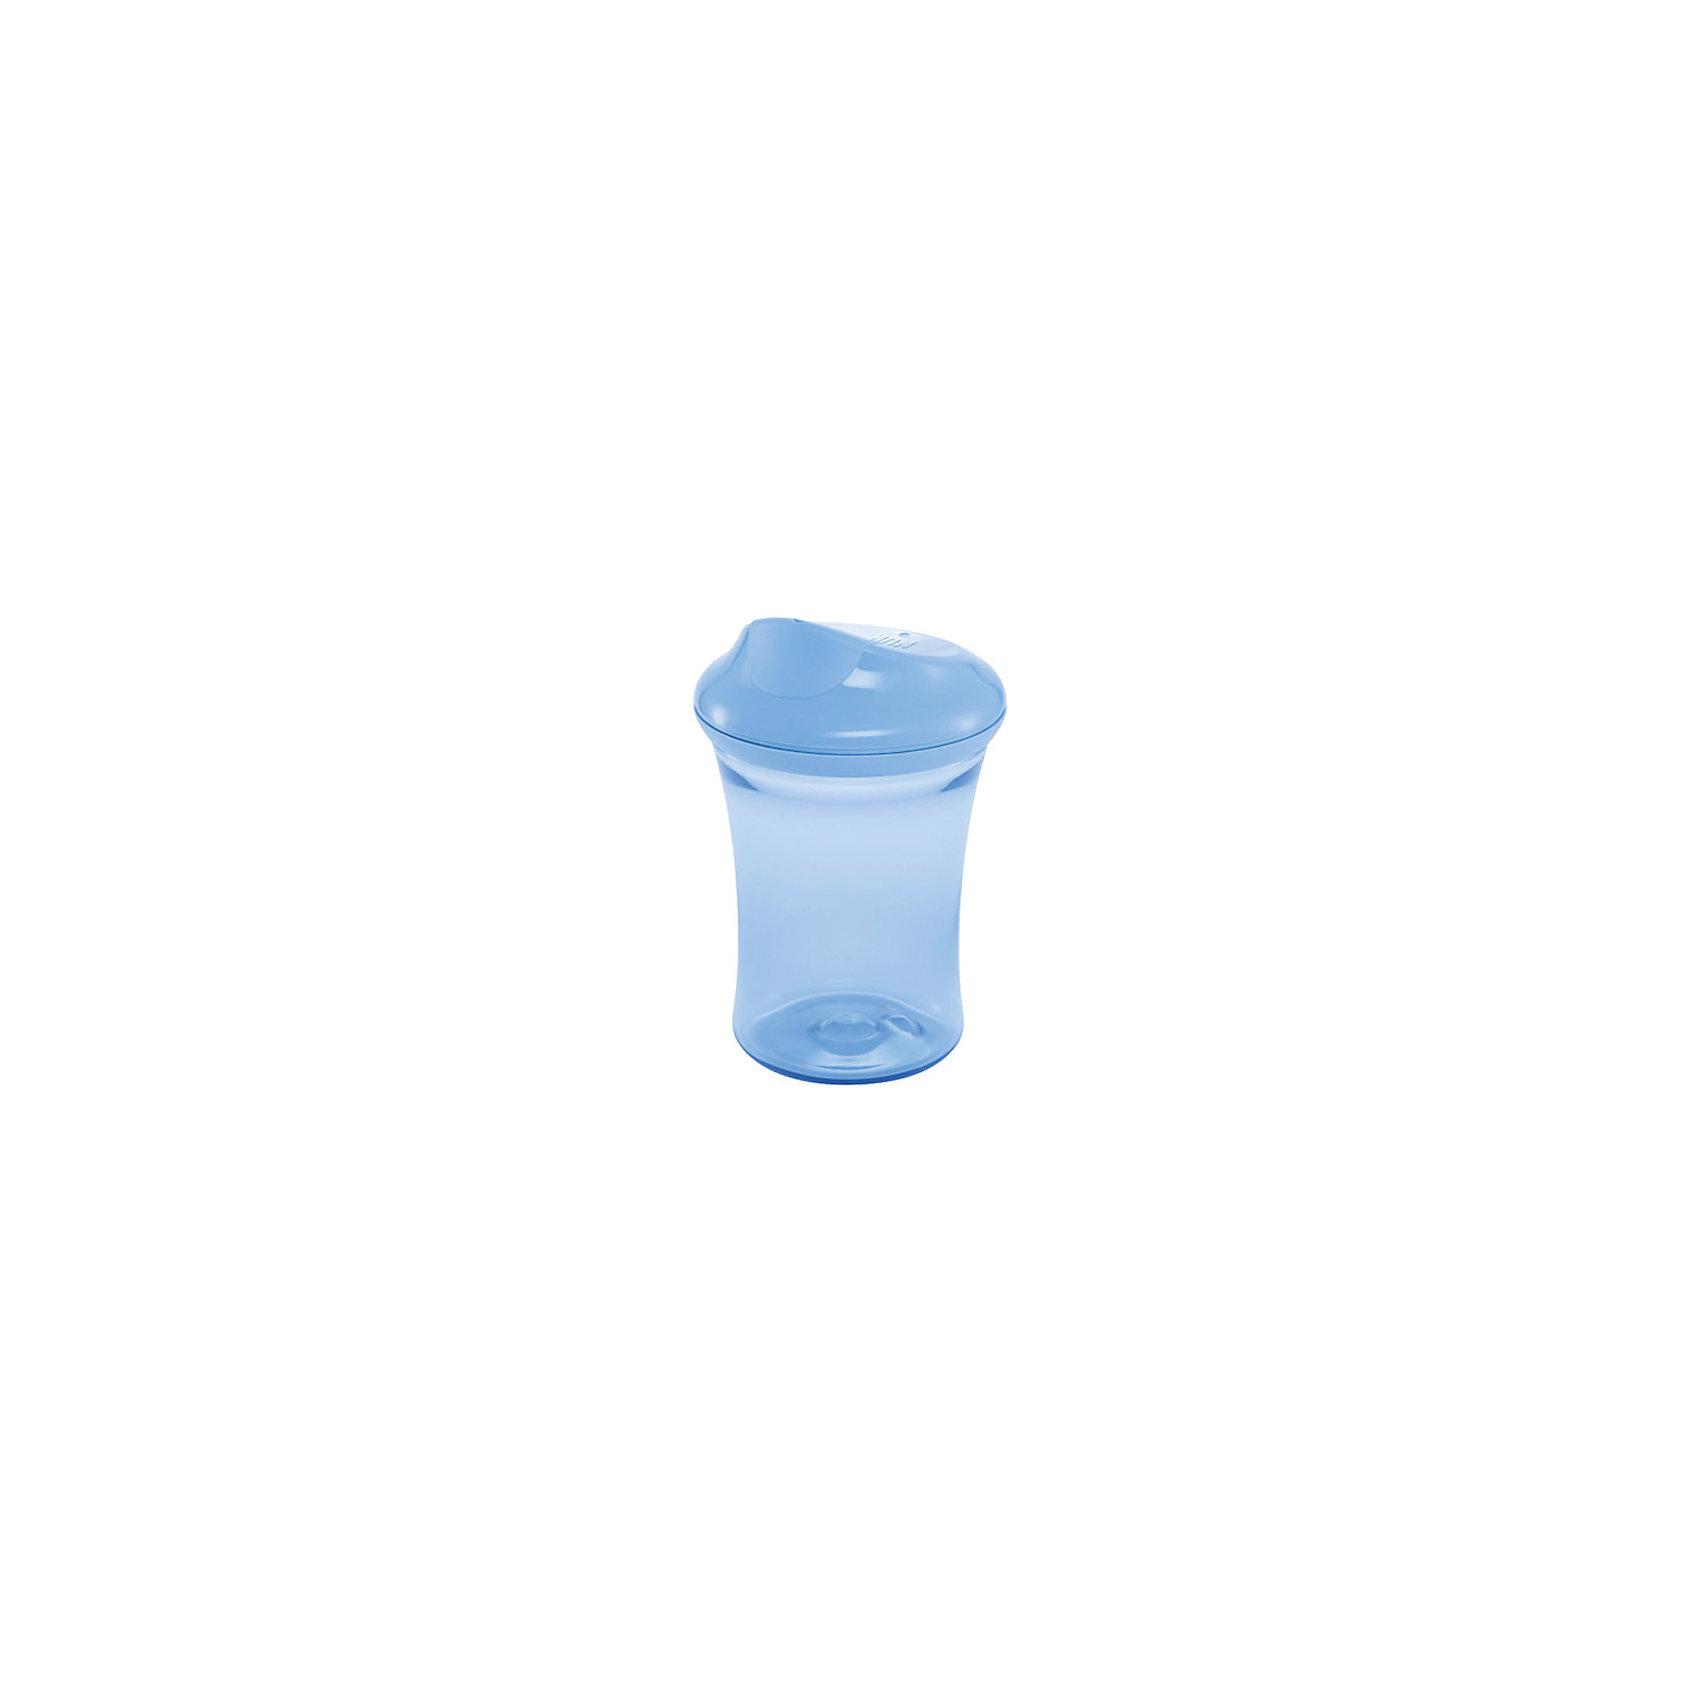 Поильник 3 с пластиковой насадкой 2 в 1 Easy Learning 275 мл. с 14 мес., NUK, синийХарактеристики изделия:<br><br>- объем: 275 мл;<br>- цвет: синий;<br>- материал: полипропилен;<br>- широкое горло;<br>- удобная форма;<br>- ручки;<br>- возраст: от 14 месяцев;<br>- клапаны от протекания.<br><br>Детские товары существенно облегчают жизнь молодым мамам. Существует множество полезных в период материнства вещей. К таким относится обыкновенная пластиковая бутылочка-поильник. <br>Данная модель оптимально подходит для детей, которые учатся пить самостоятельно. Предмет удобно держать. Поильник легко очищается от любых поверхностных загрязнений, так как имеет удобное широкое горлышко. Оптимальный объем позволит брать поильник в дорогу.<br><br>Поильник 3 с пластиковой насадкой 2 в 1 Easy Learning от производителя NUK можно купить в нашем магазине.<br><br>Ширина мм: 135<br>Глубина мм: 65<br>Высота мм: 162<br>Вес г: 170<br>Возраст от месяцев: 14<br>Возраст до месяцев: 2147483647<br>Пол: Унисекс<br>Возраст: Детский<br>SKU: 5065255